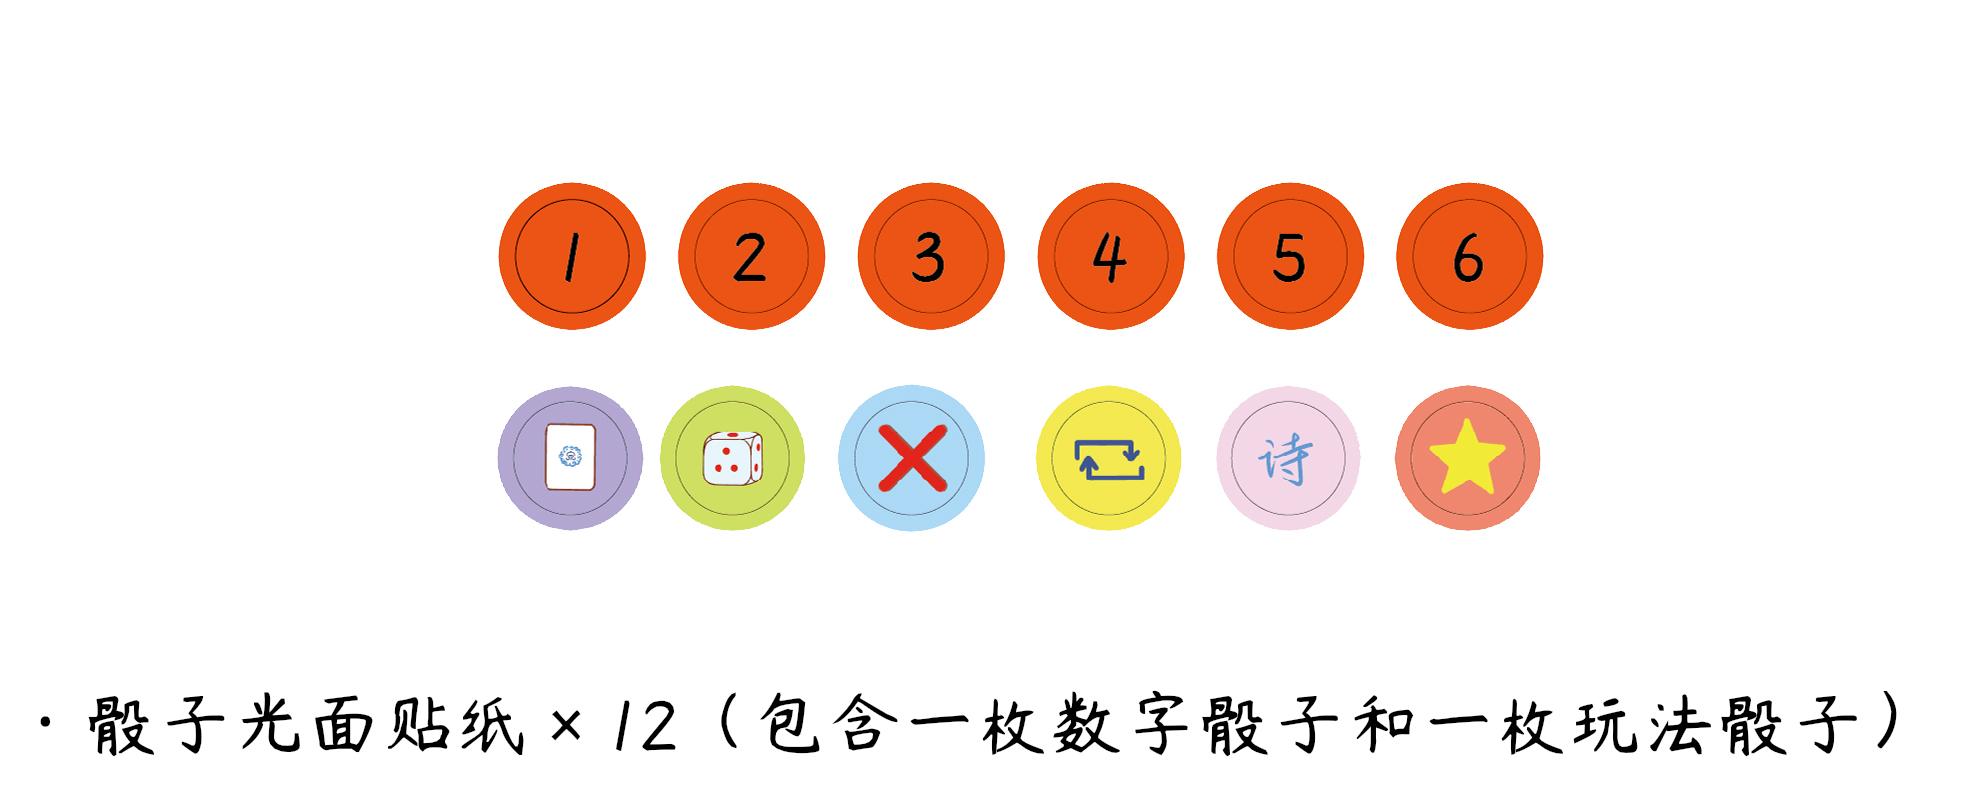 游泉惊梦说明书-7.jpg